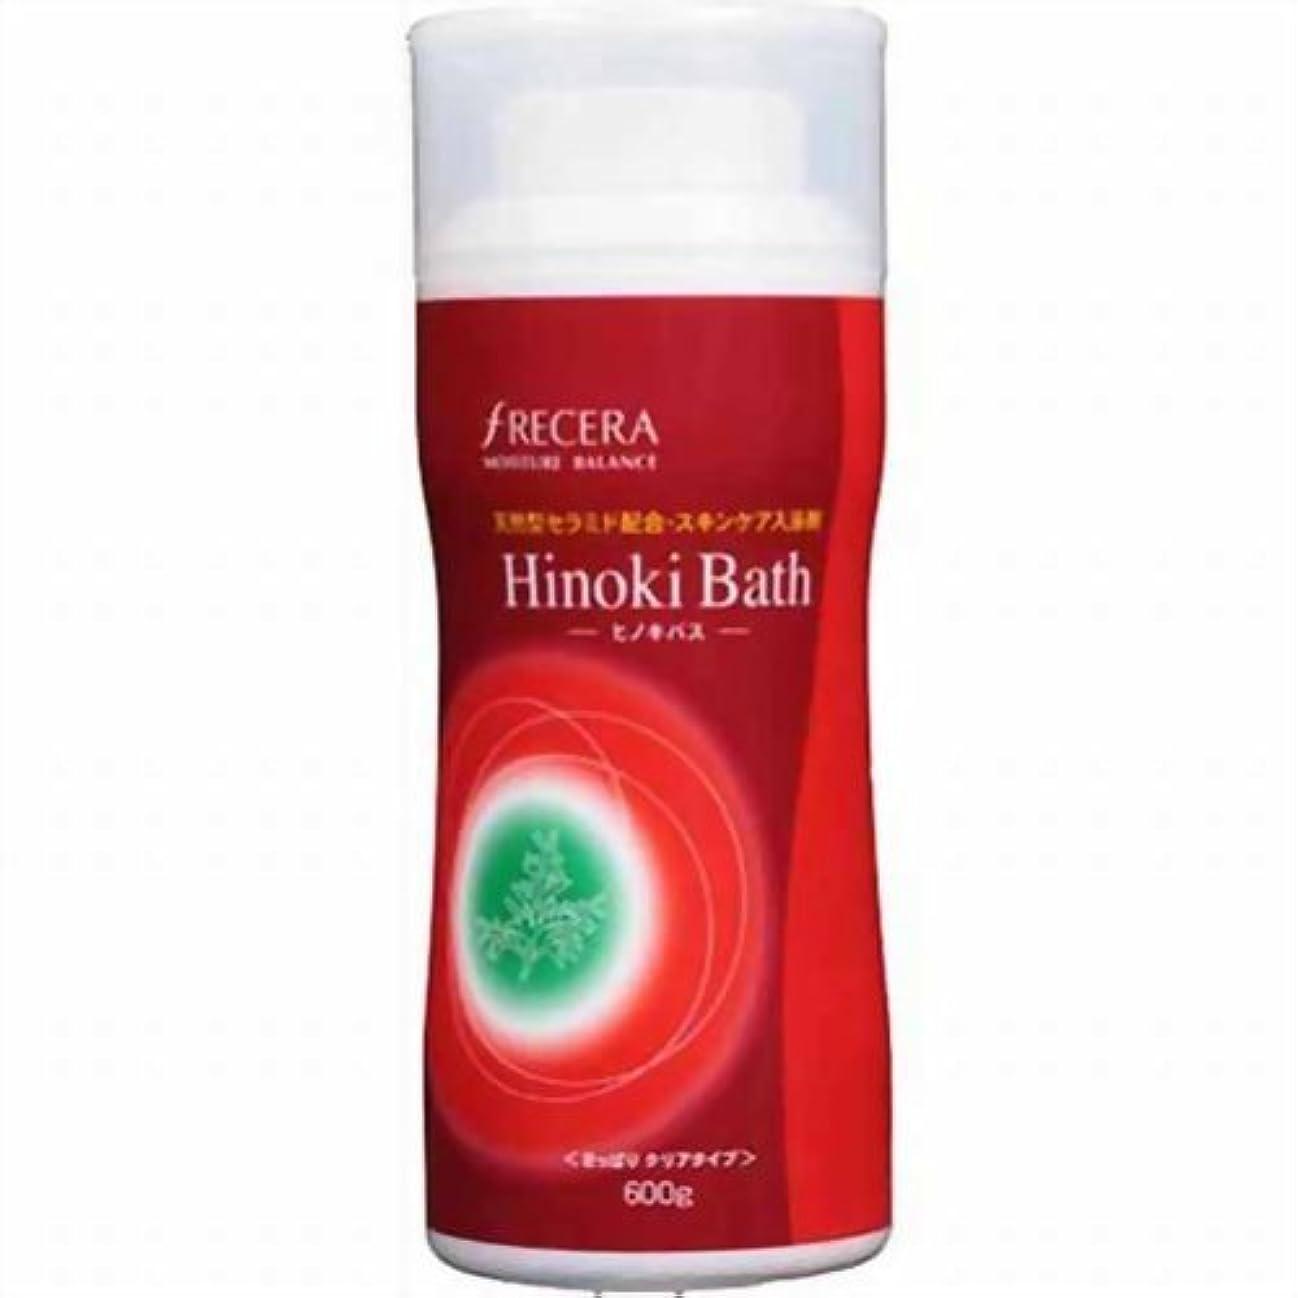 世紀胚フォーカスフレッセラ セラミド入浴剤 ヒノキバス 600g